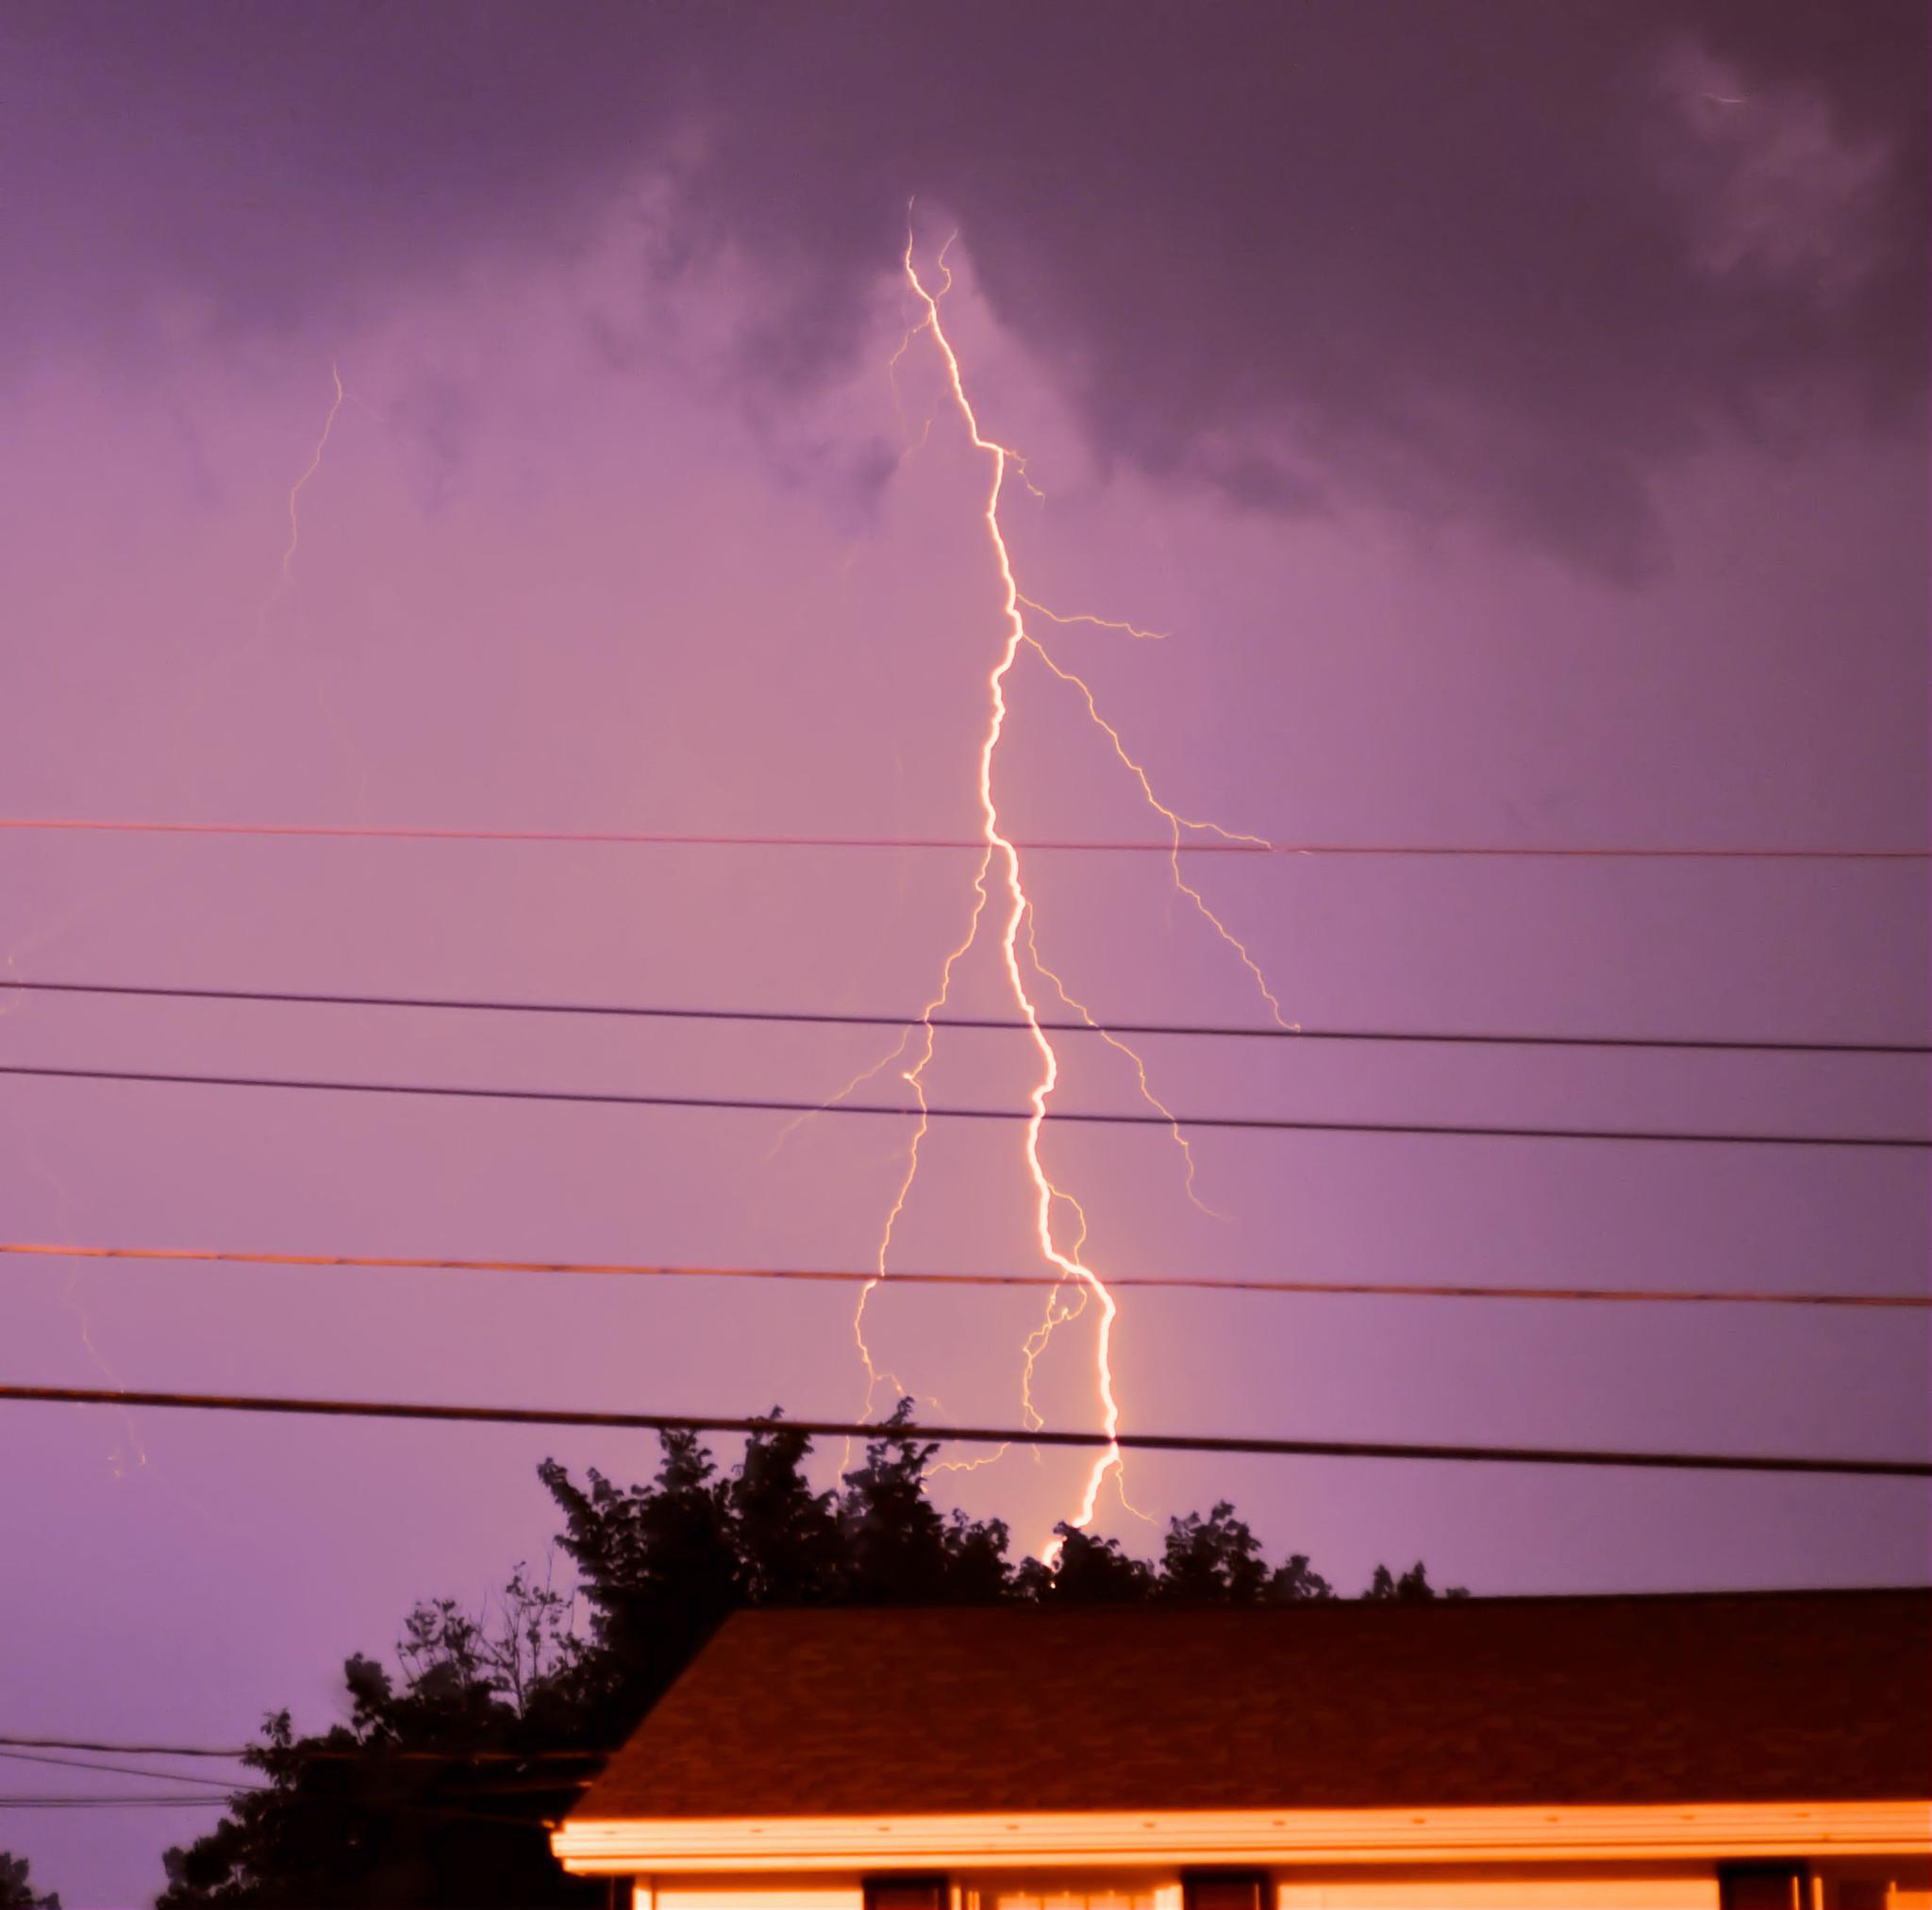 Lightning by Cynthia Hutton